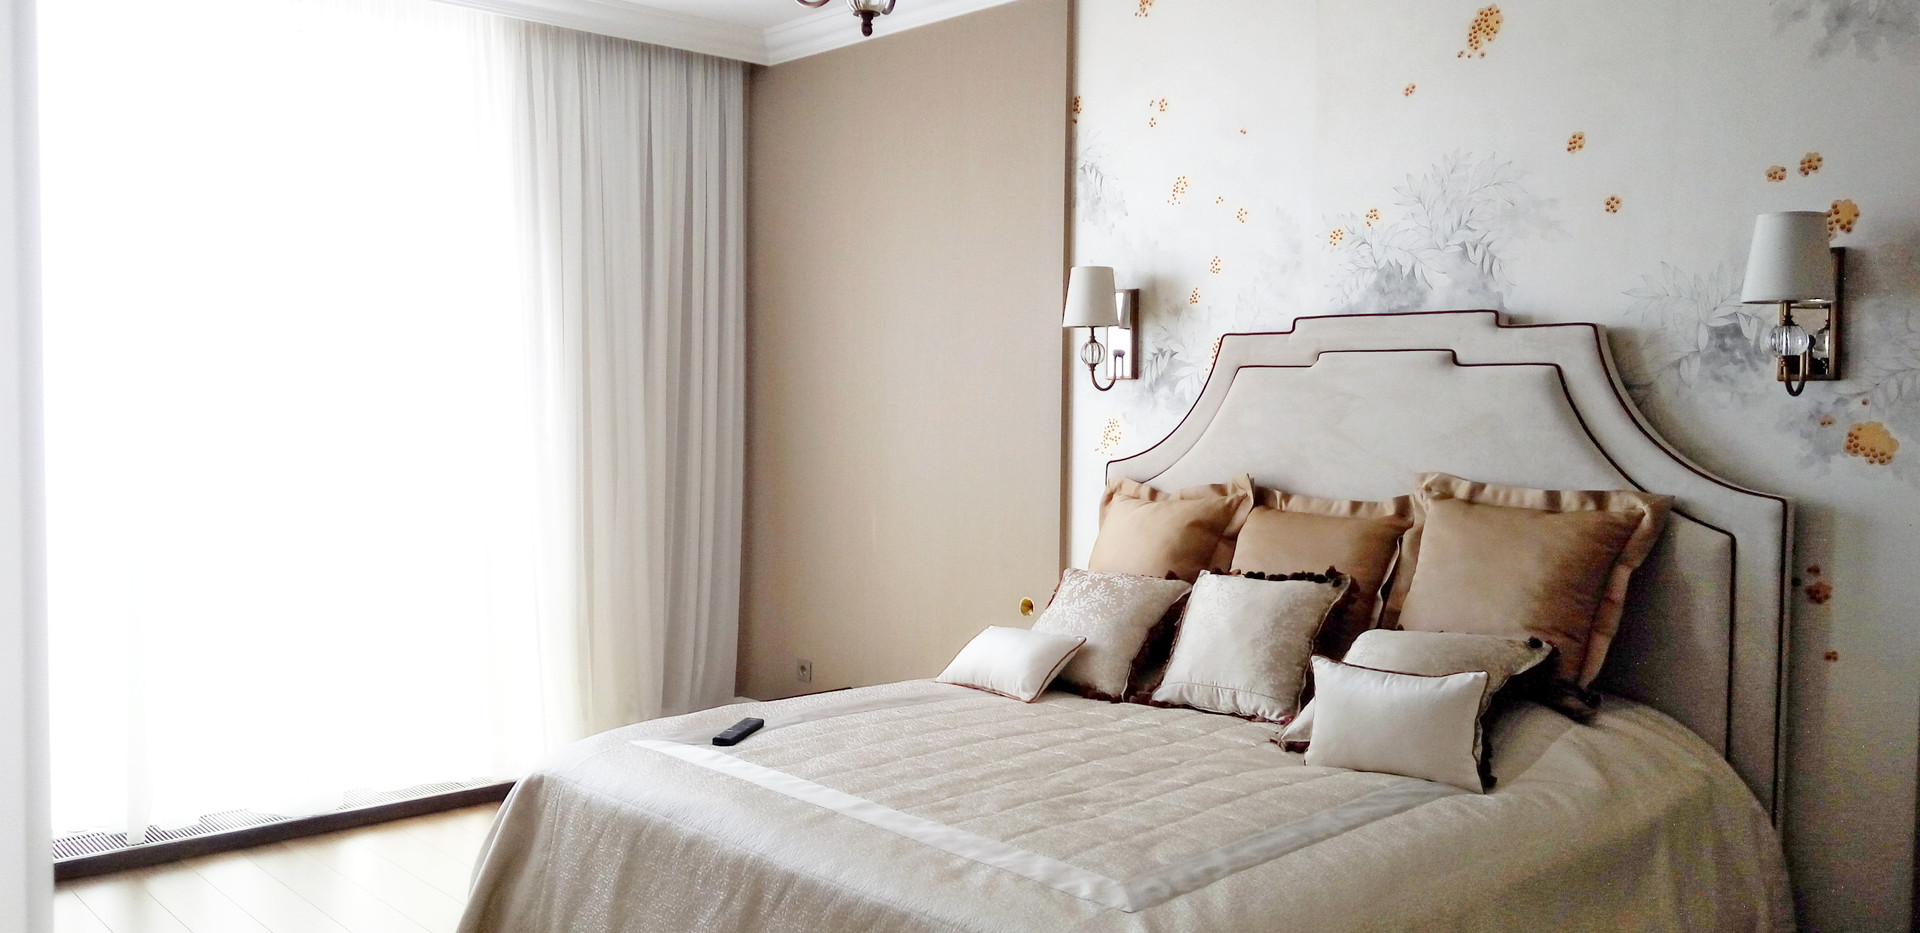 Отделка по спальни по дизайн проекту